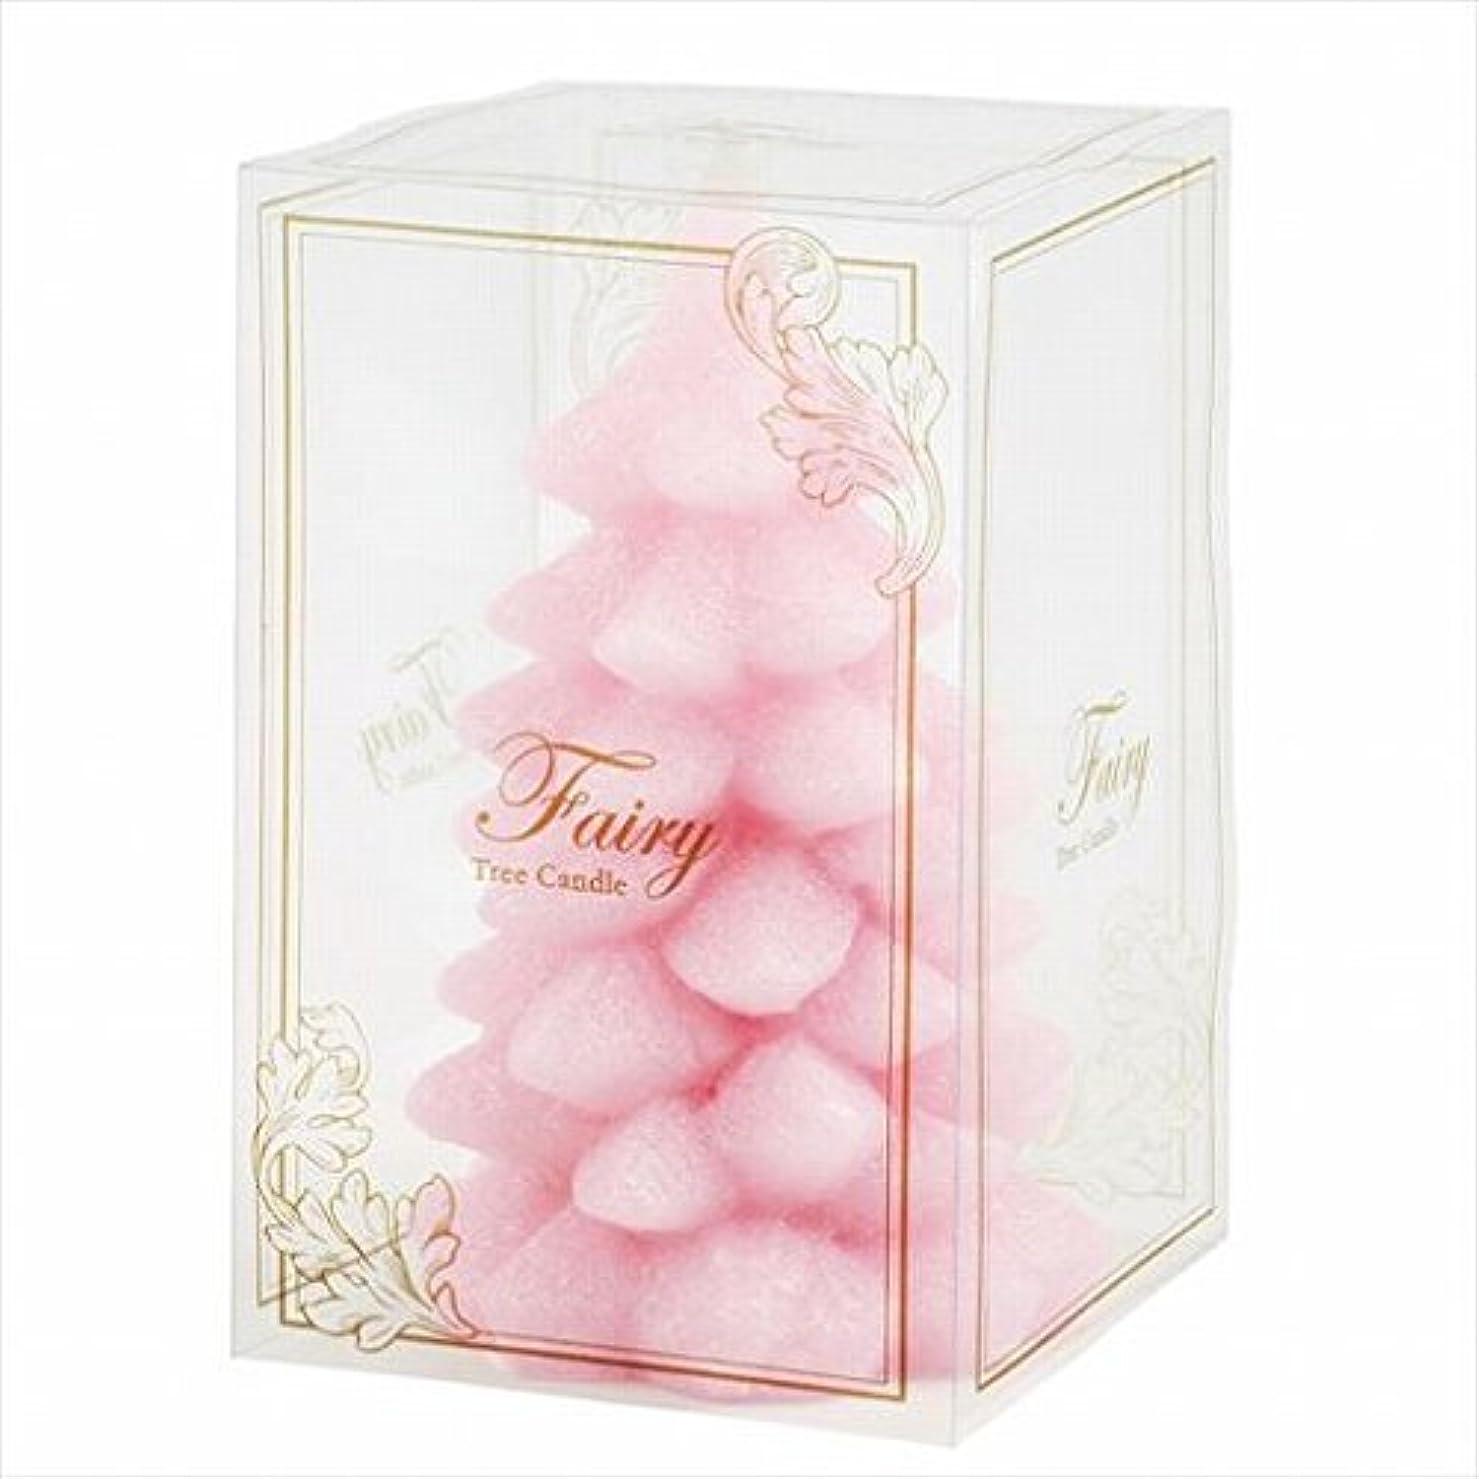 上記の頭と肩適用済みテレビカメヤマキャンドル(kameyama candle) フェアリーツリーL 「 ピンク 」